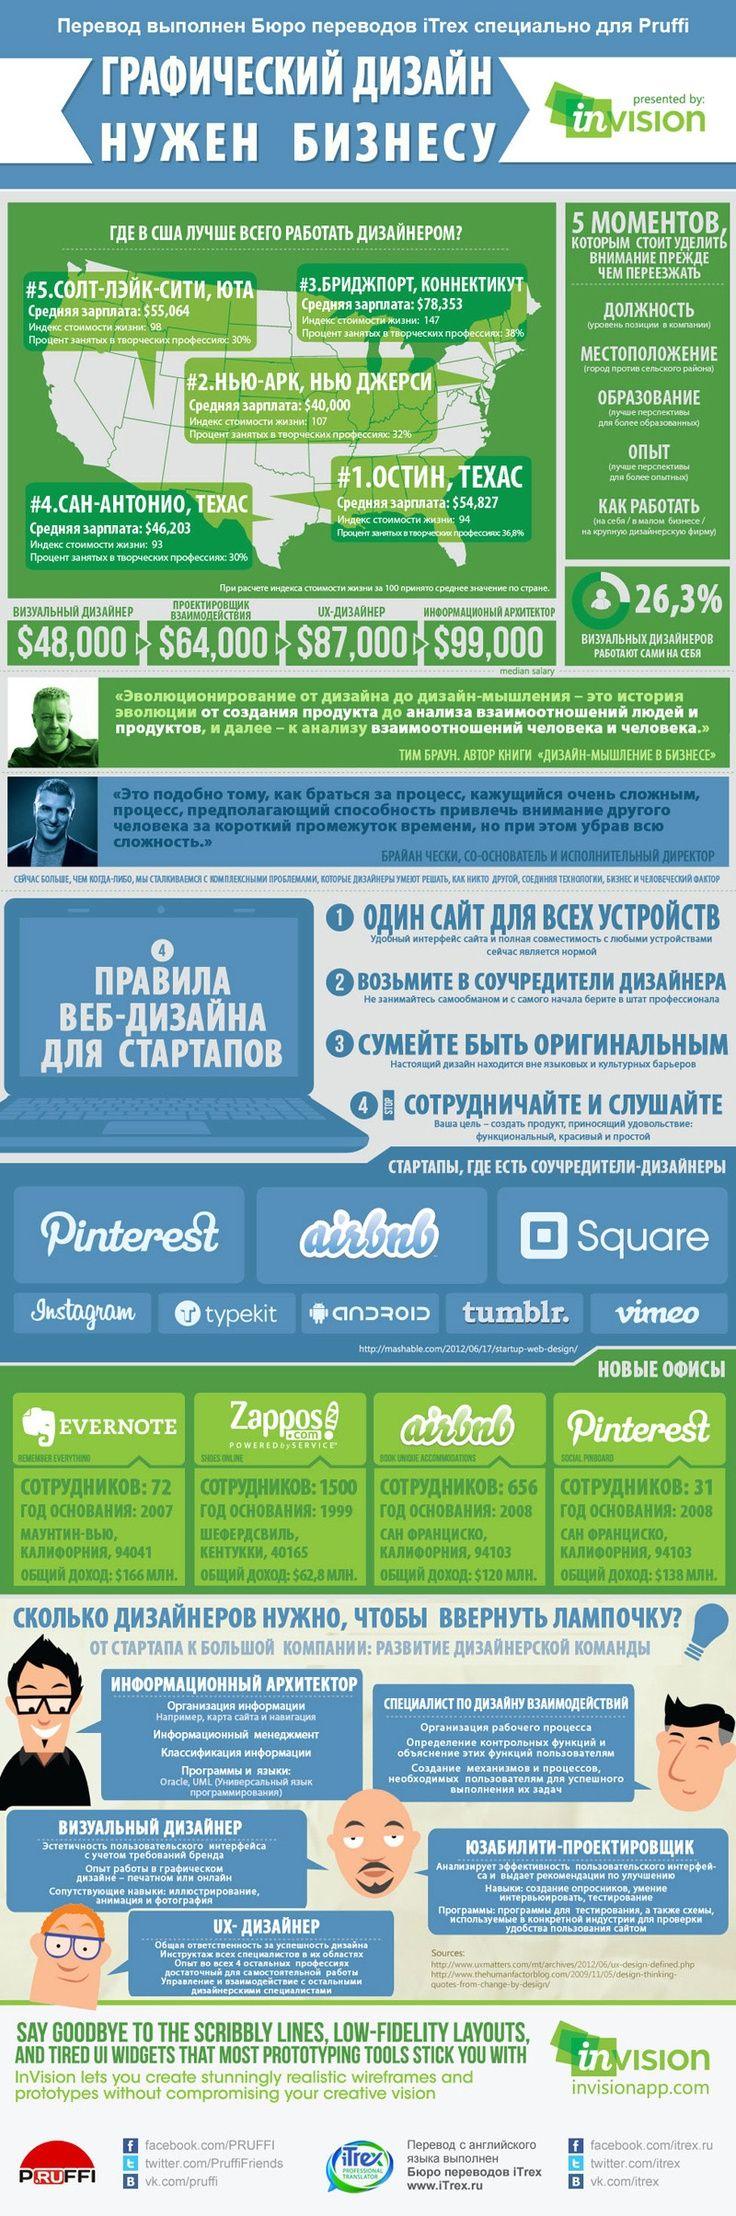 Графический дизайн нужен бизнесу https://www.facebook.com/pages/Sociallive/625479624181778